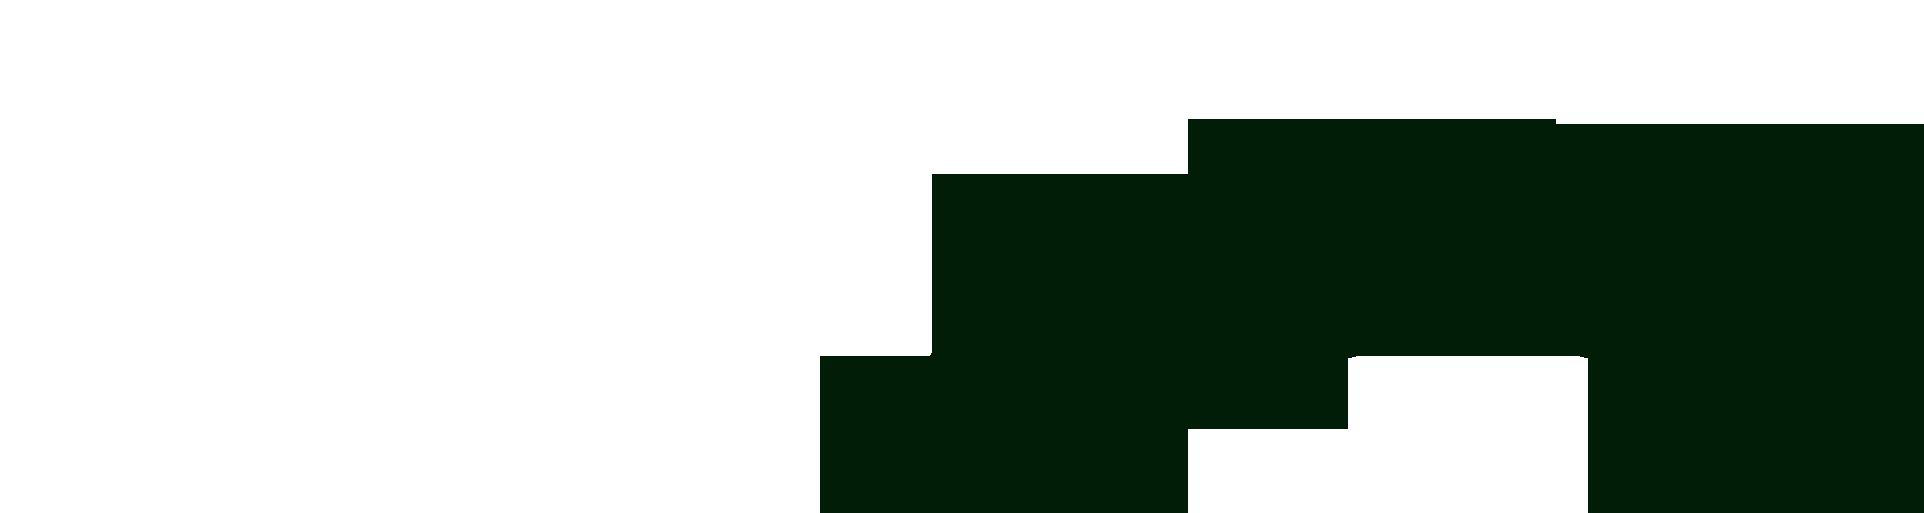 Slider_AG_cerchio_02_flip.png